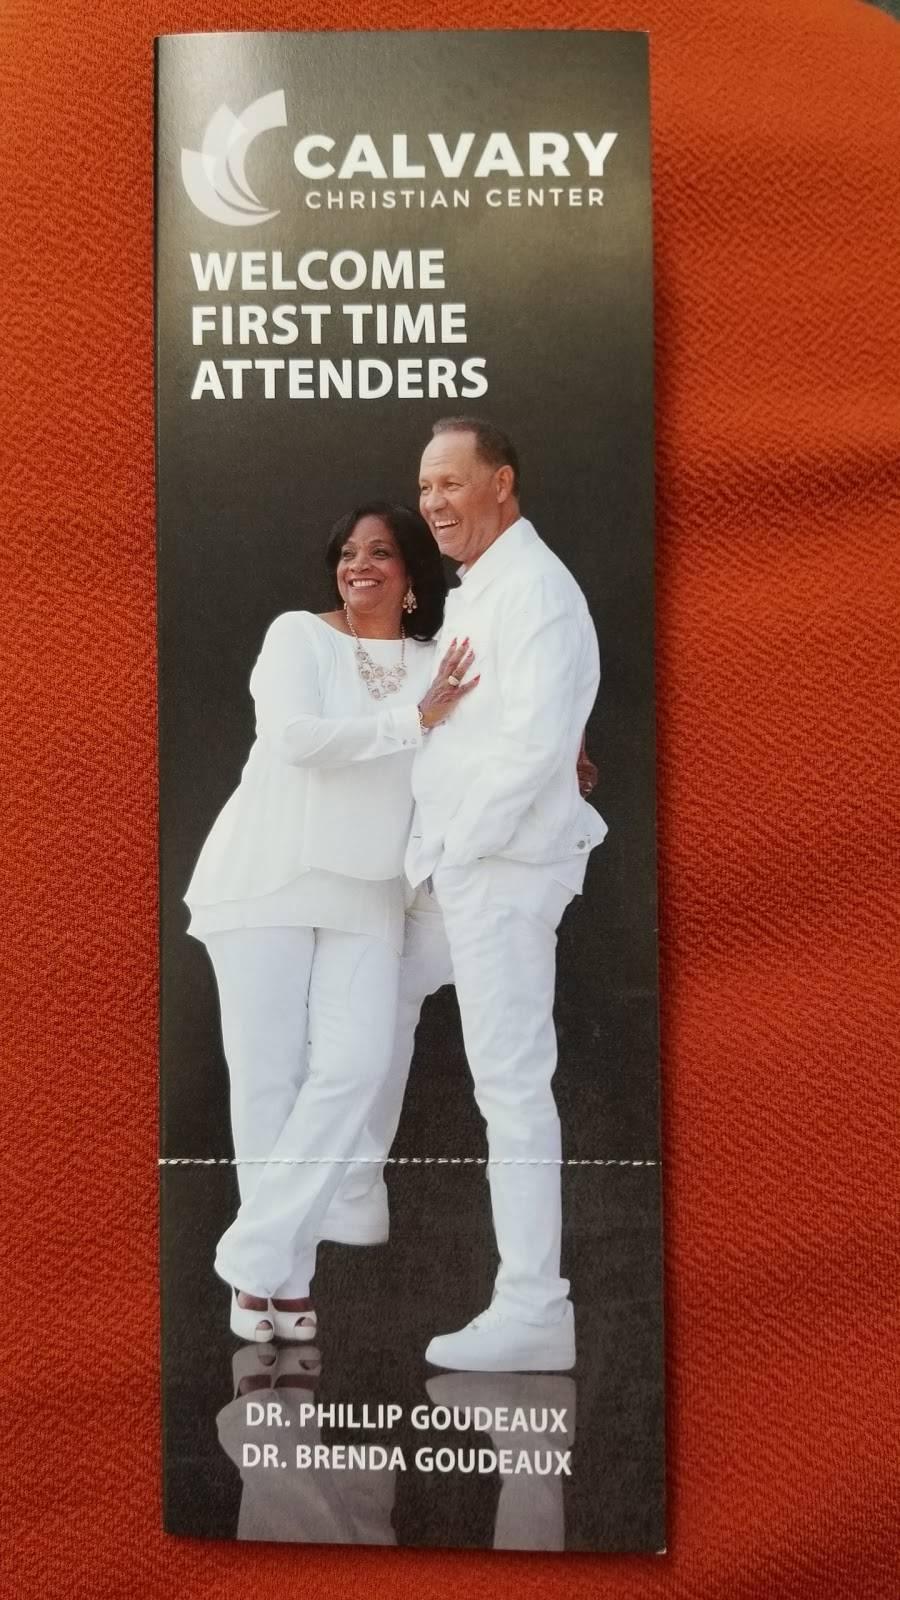 Calvary Christian Center - church    Photo 9 of 9   Address: 8605 Folsom Blvd, Sacramento, CA 95826, USA   Phone: (916) 381-3916